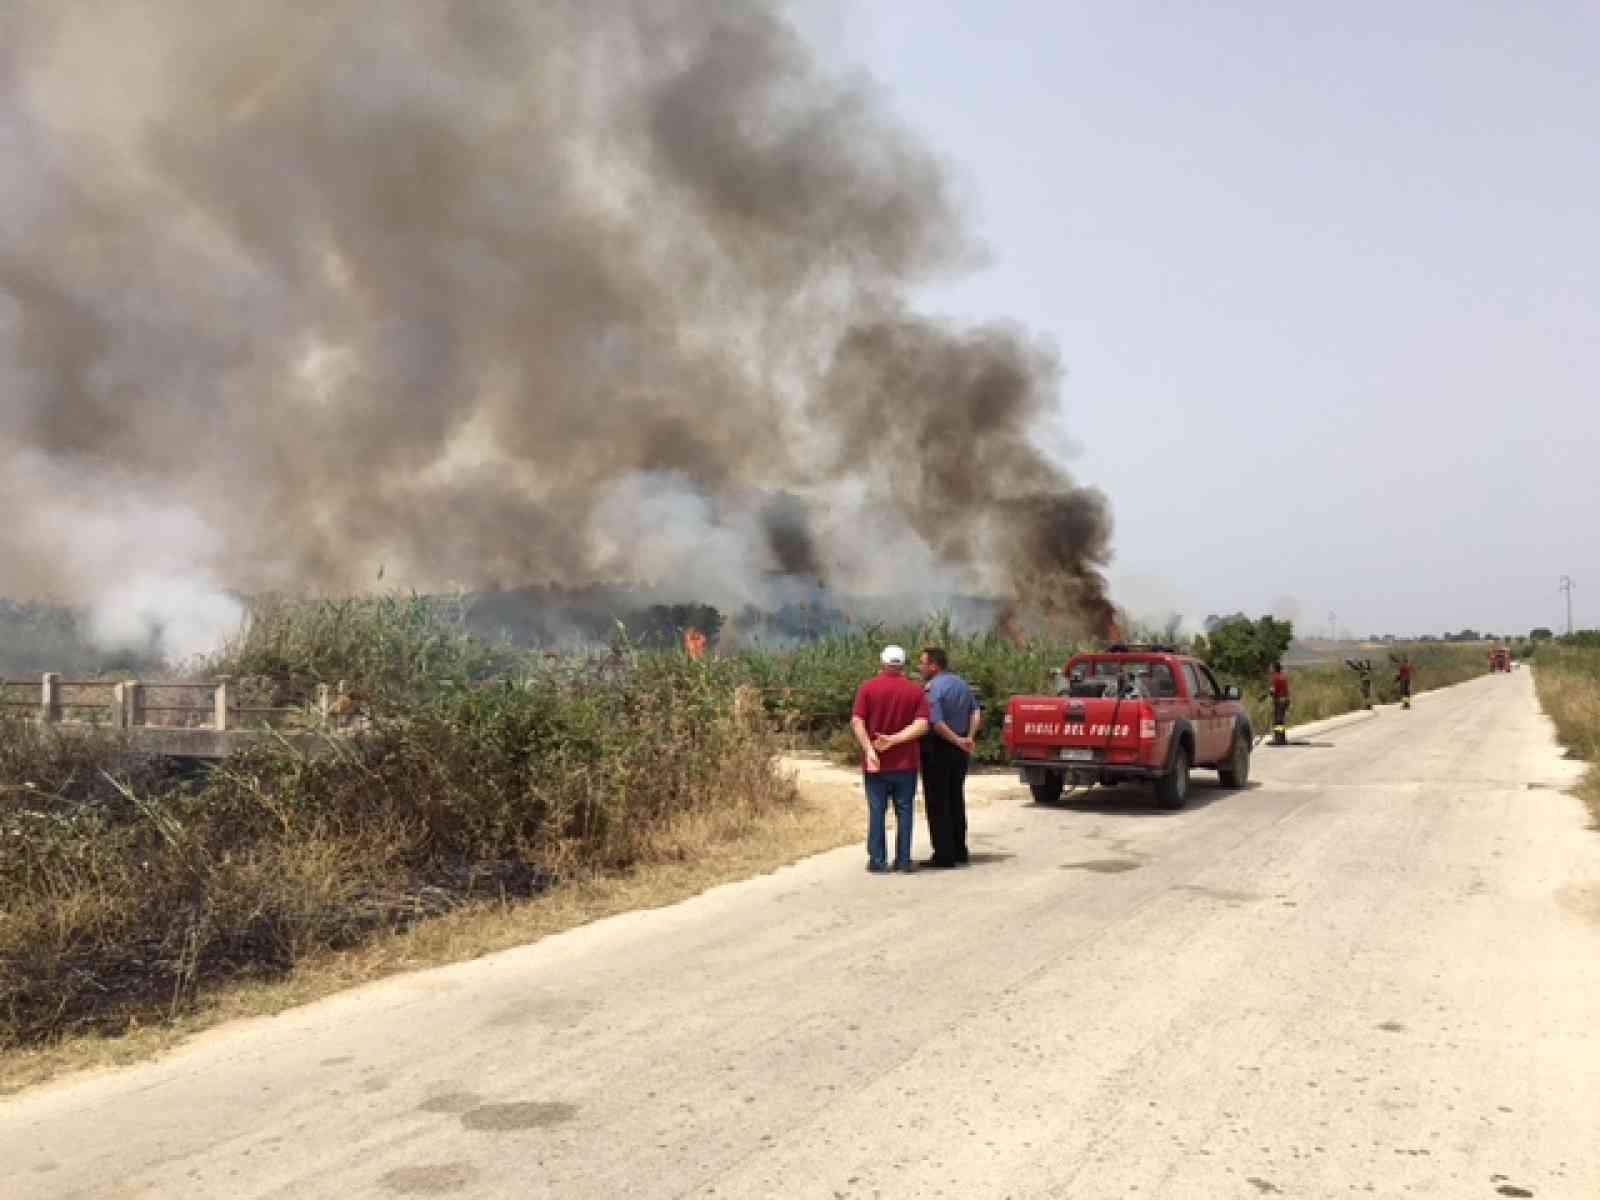 Porto Palo in fiamme, il forte vento alimenta un vasto incendio